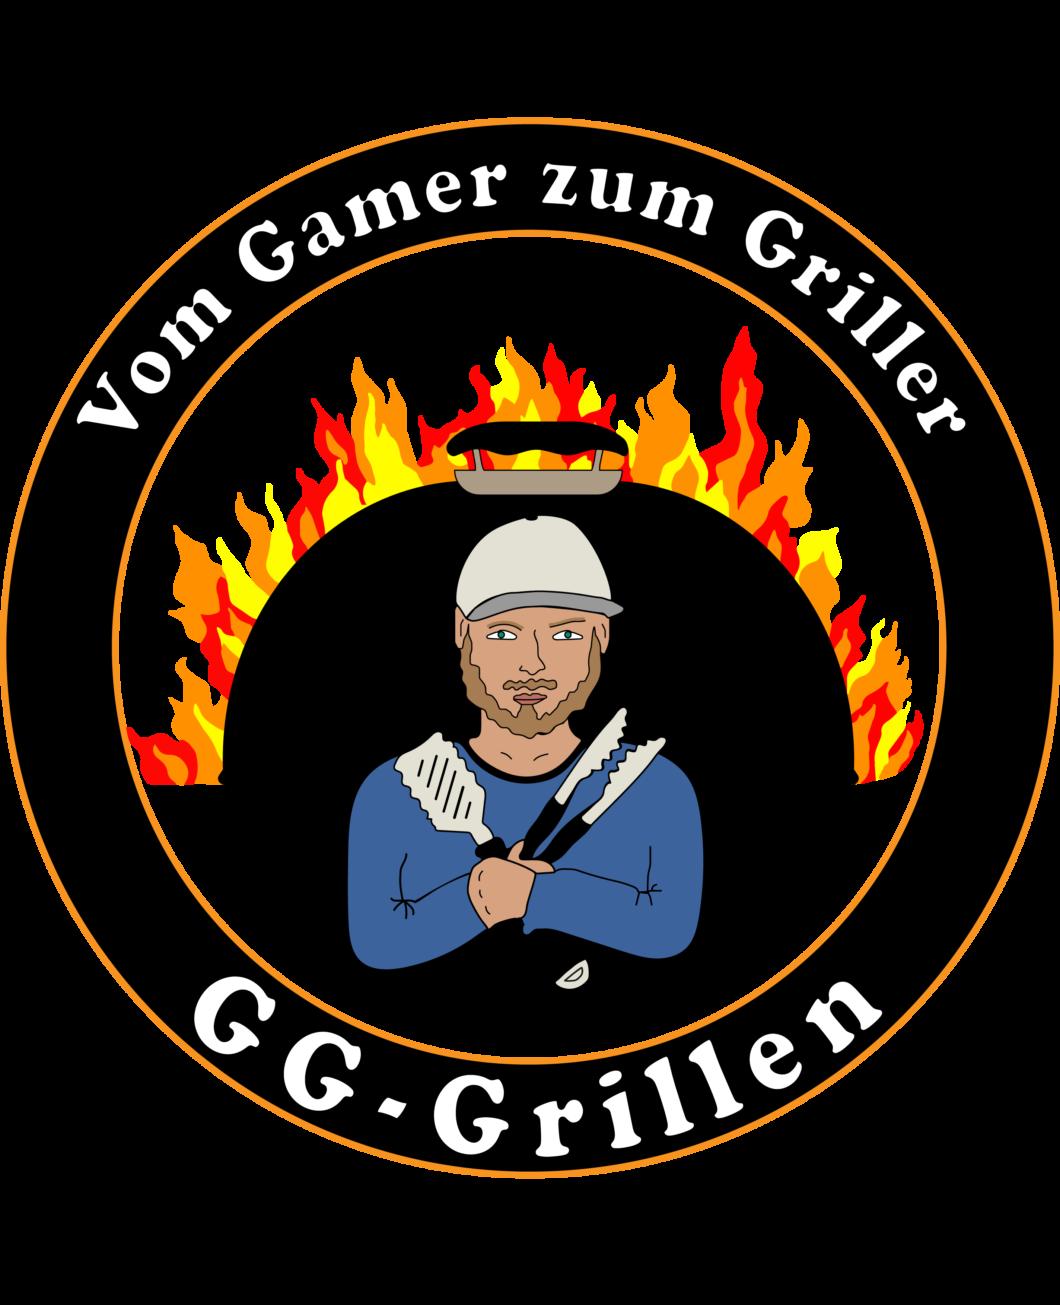 GG-Grillen